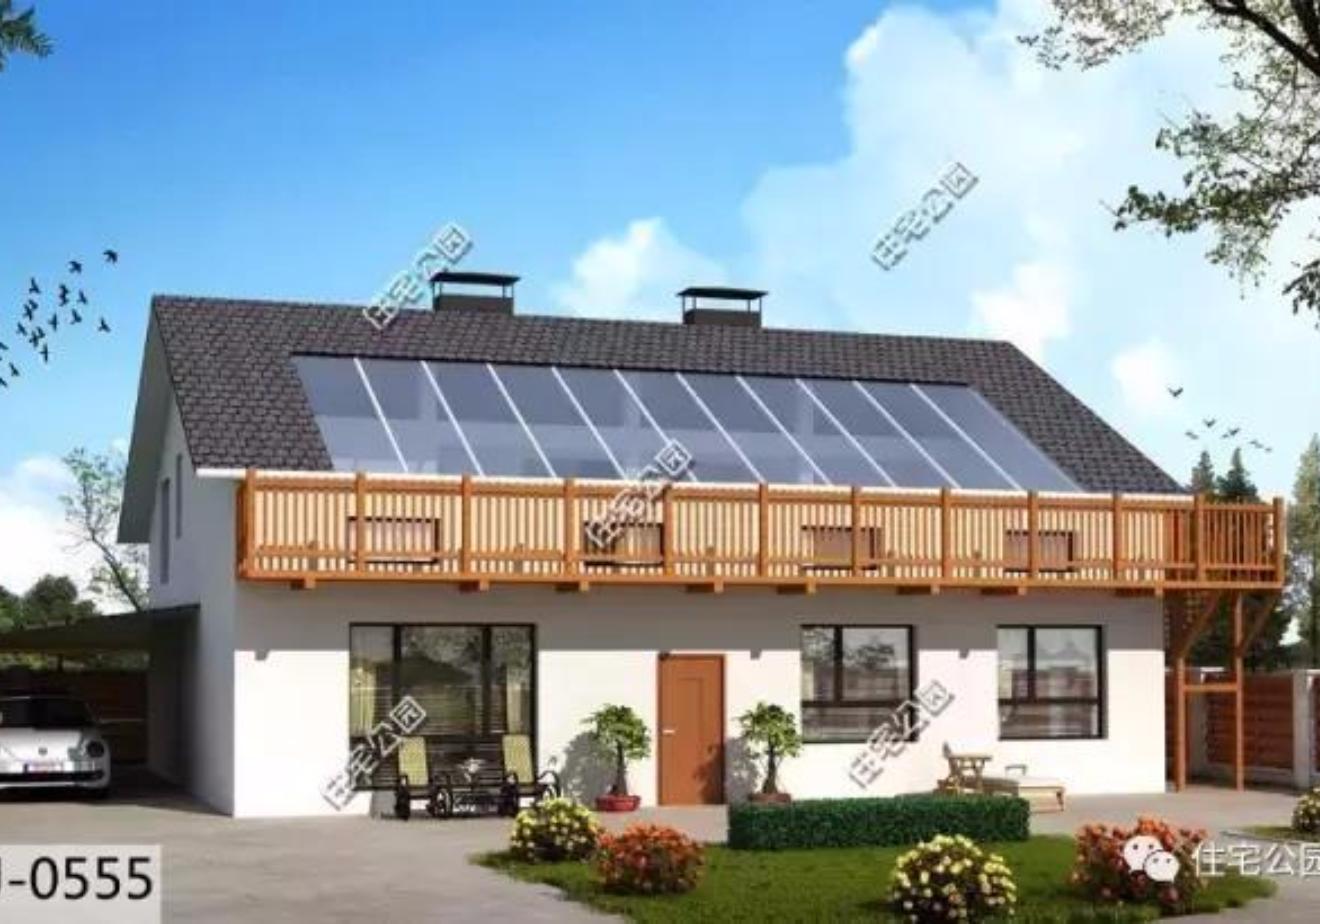 现在的农村别墅建的是一栋比一栋精美,好看的欧式法式,统统都有。不仅外观精美,也更注重室内布局,不再满足于传统的格局,更加注重功能性区域空间的布置。除了书房娱乐室,更有亲近自然的阳光房,大受欢迎。目前市面上有阳光房设计的户型很少见,但为了满足有建房需求的朋友,今天特别分享7套带阳光房的户型,中式、美式风格都能建。 户型一 带阳光房,10x13米超舒适东北二层别墅 传统的白墙黛瓦,质地顺滑的木材,完美打造了现代别墅,简约不失雅致。 房屋基本信息 占地尺寸:13.